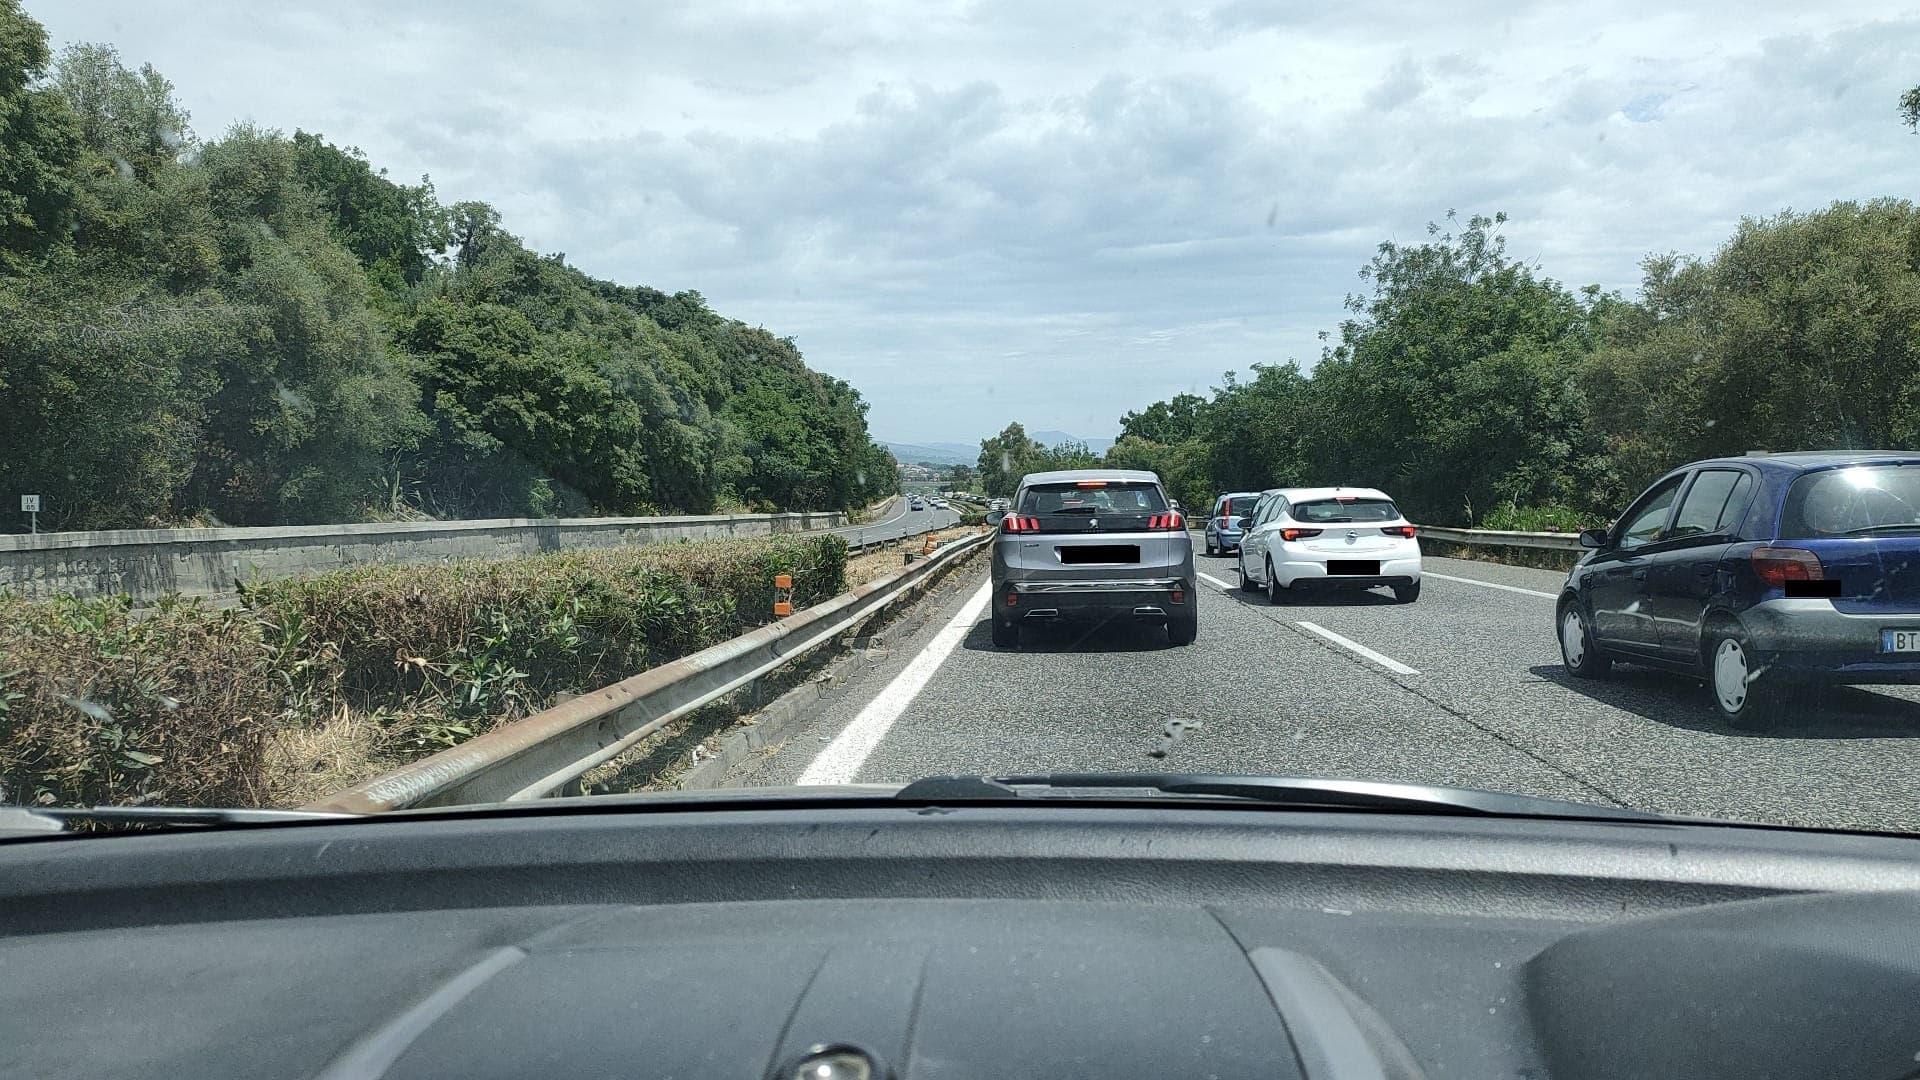 Ore e chilometri di fila sulla A18 da Acireale a Giarre, automobilisti letteralmente in tilt – FOTO